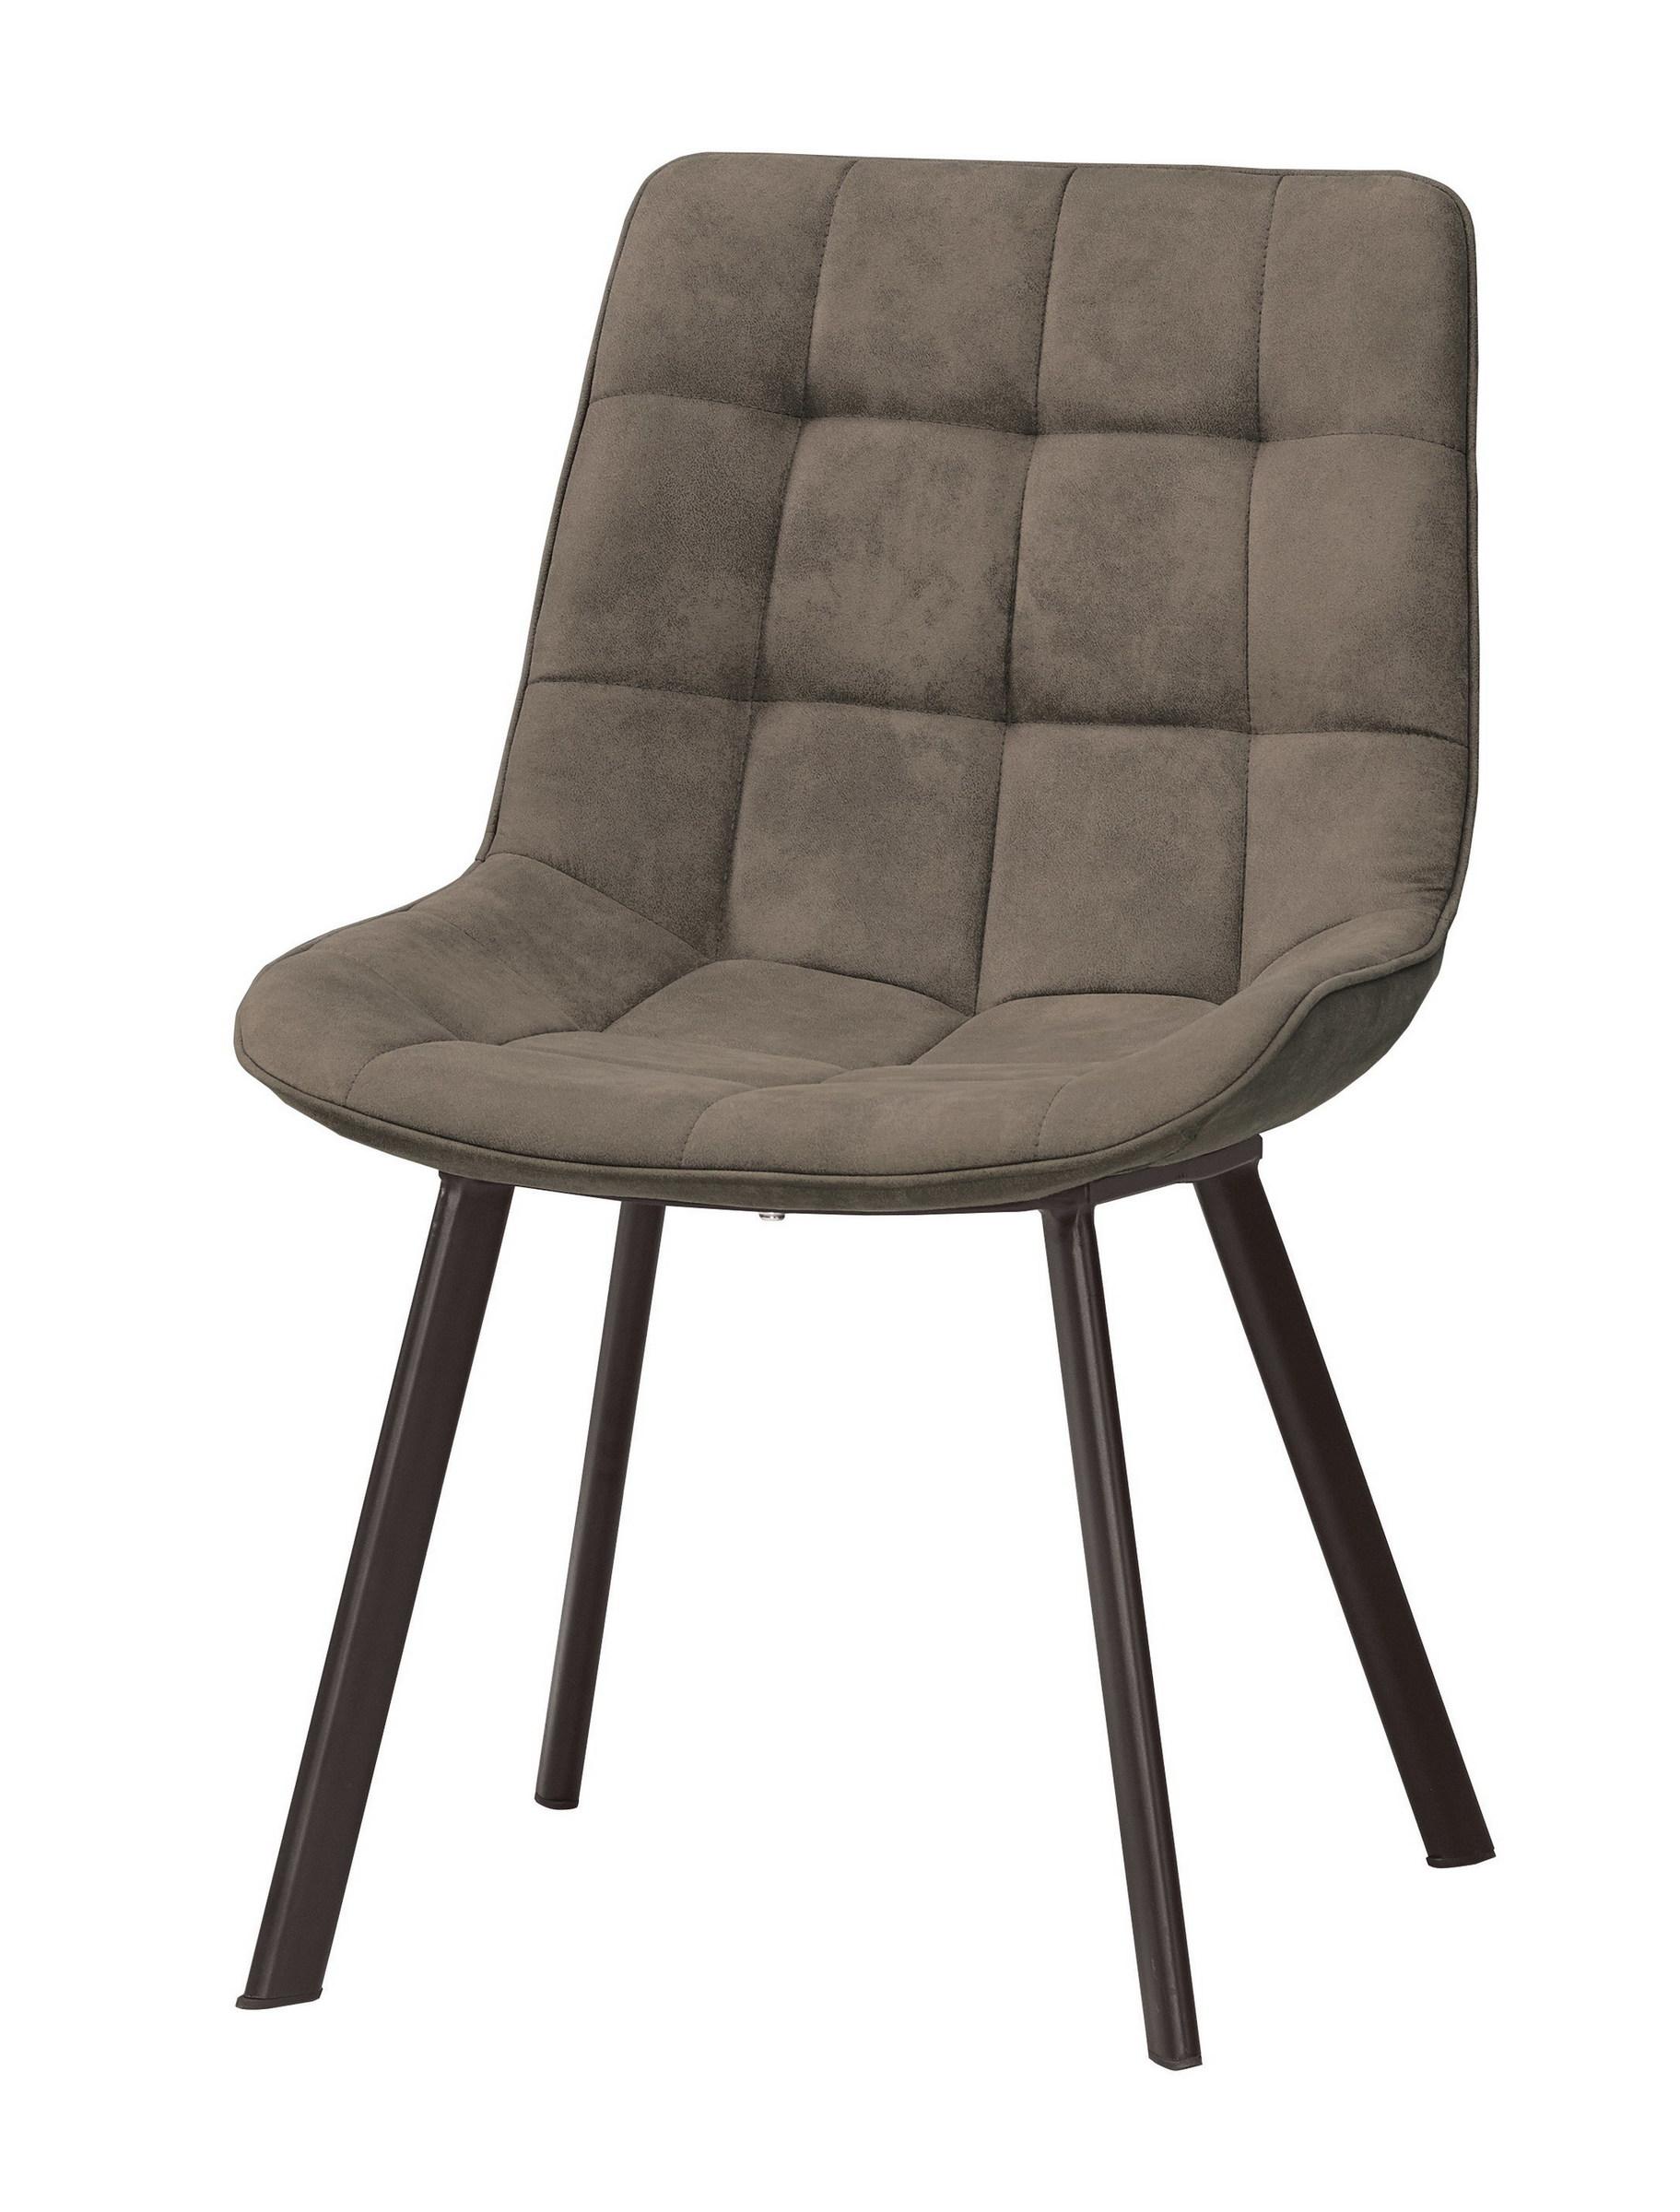 518-2 伯特餐椅(淺咖啡布)(五金腳).jpg